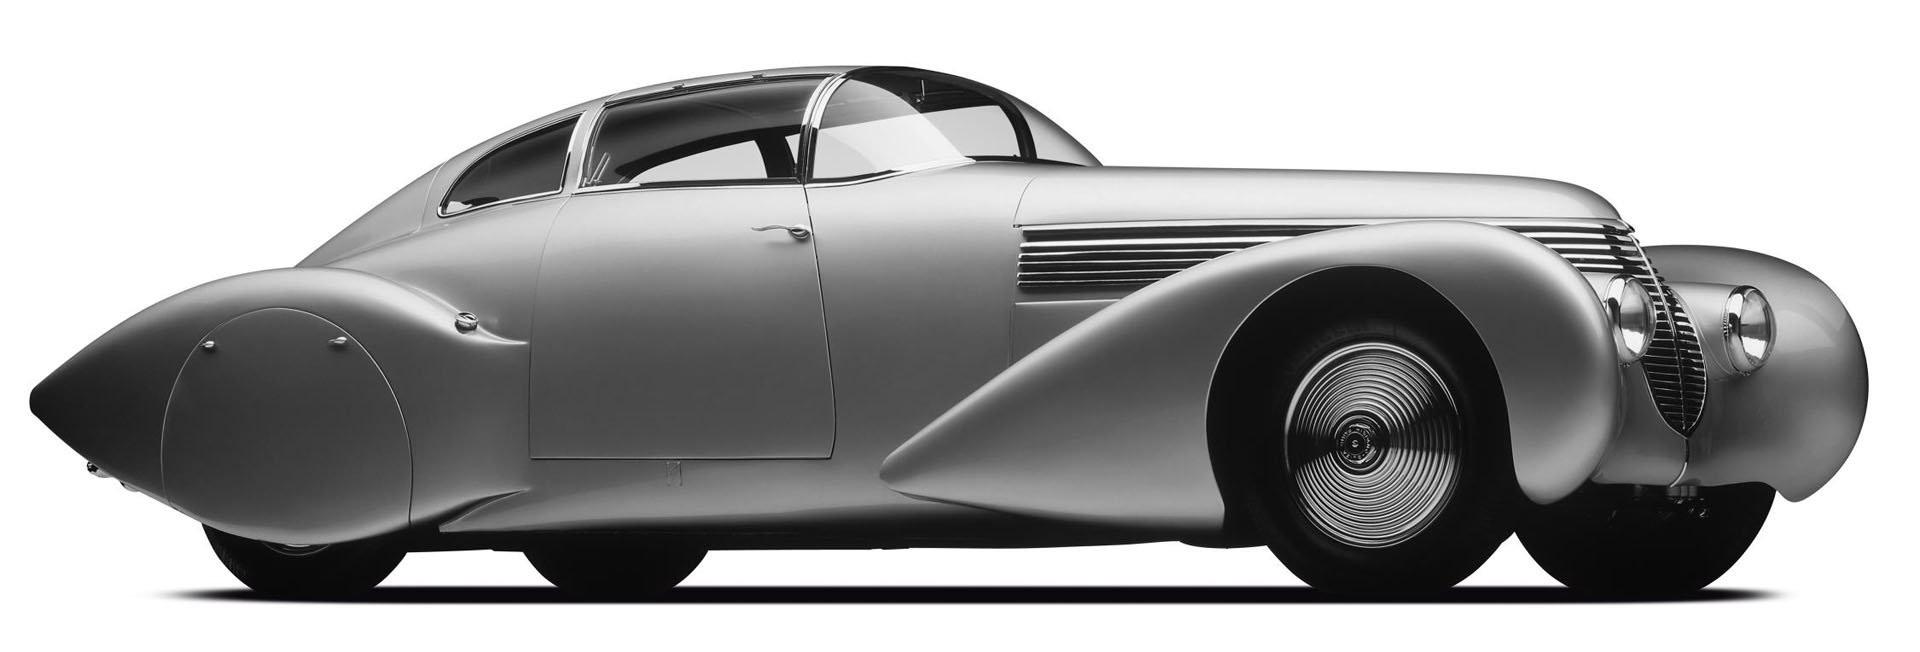 Thuong-hieu-tram-nam-Hispano-Suiza-tro-lai-bang-sieu-xe-dien-anh-1